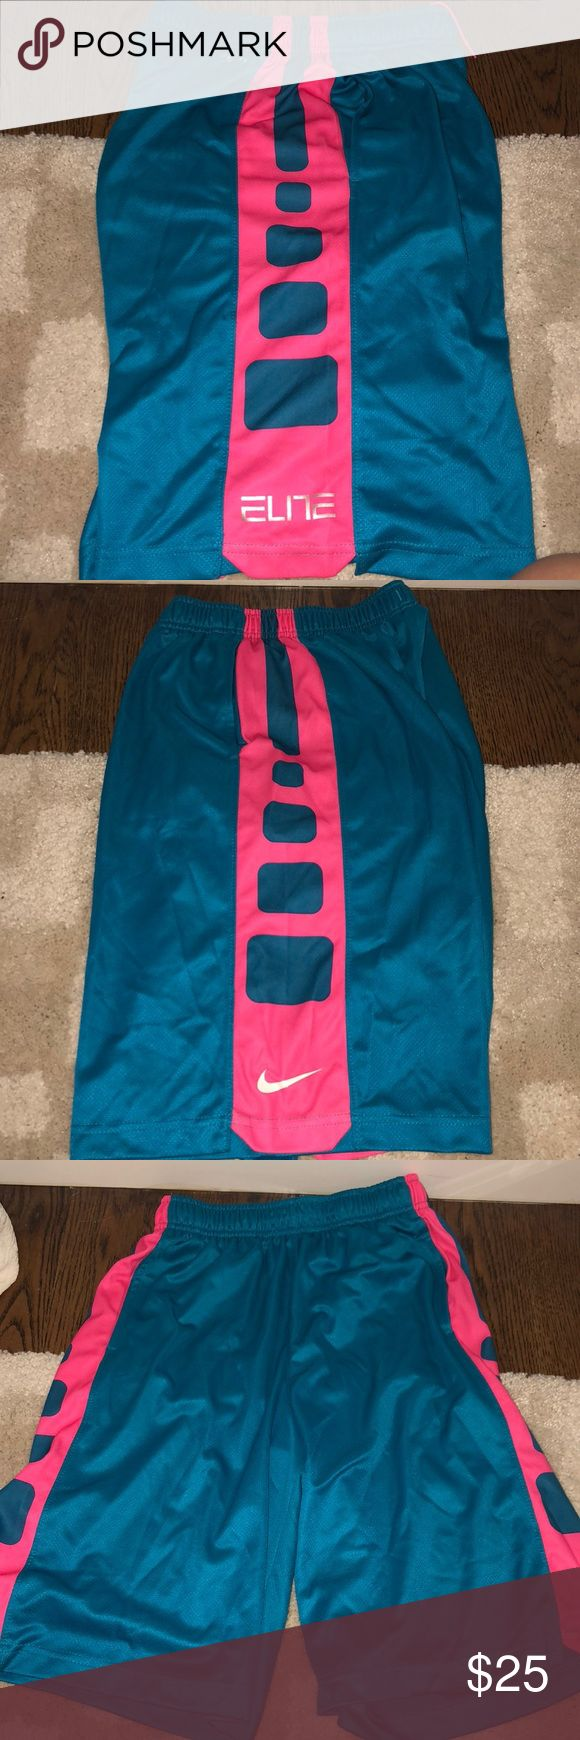 NIKE elite shorts !! size: LARGE BOYS Used for either girls or boys !! Nike Shorts Athletic